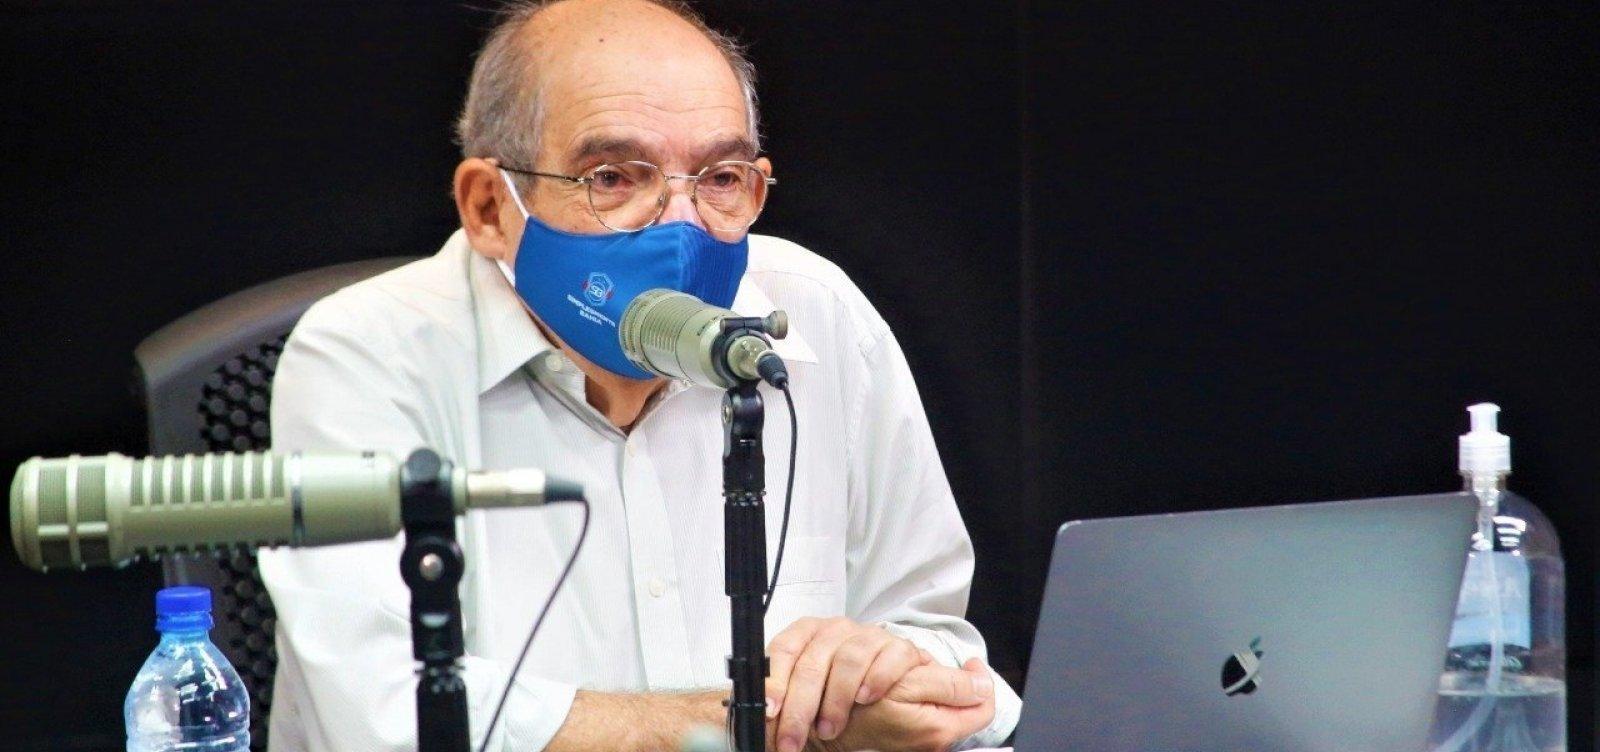 [MK critica postura 'equivocada' do governo Bolsonaro em relação às vacinas; ouça]